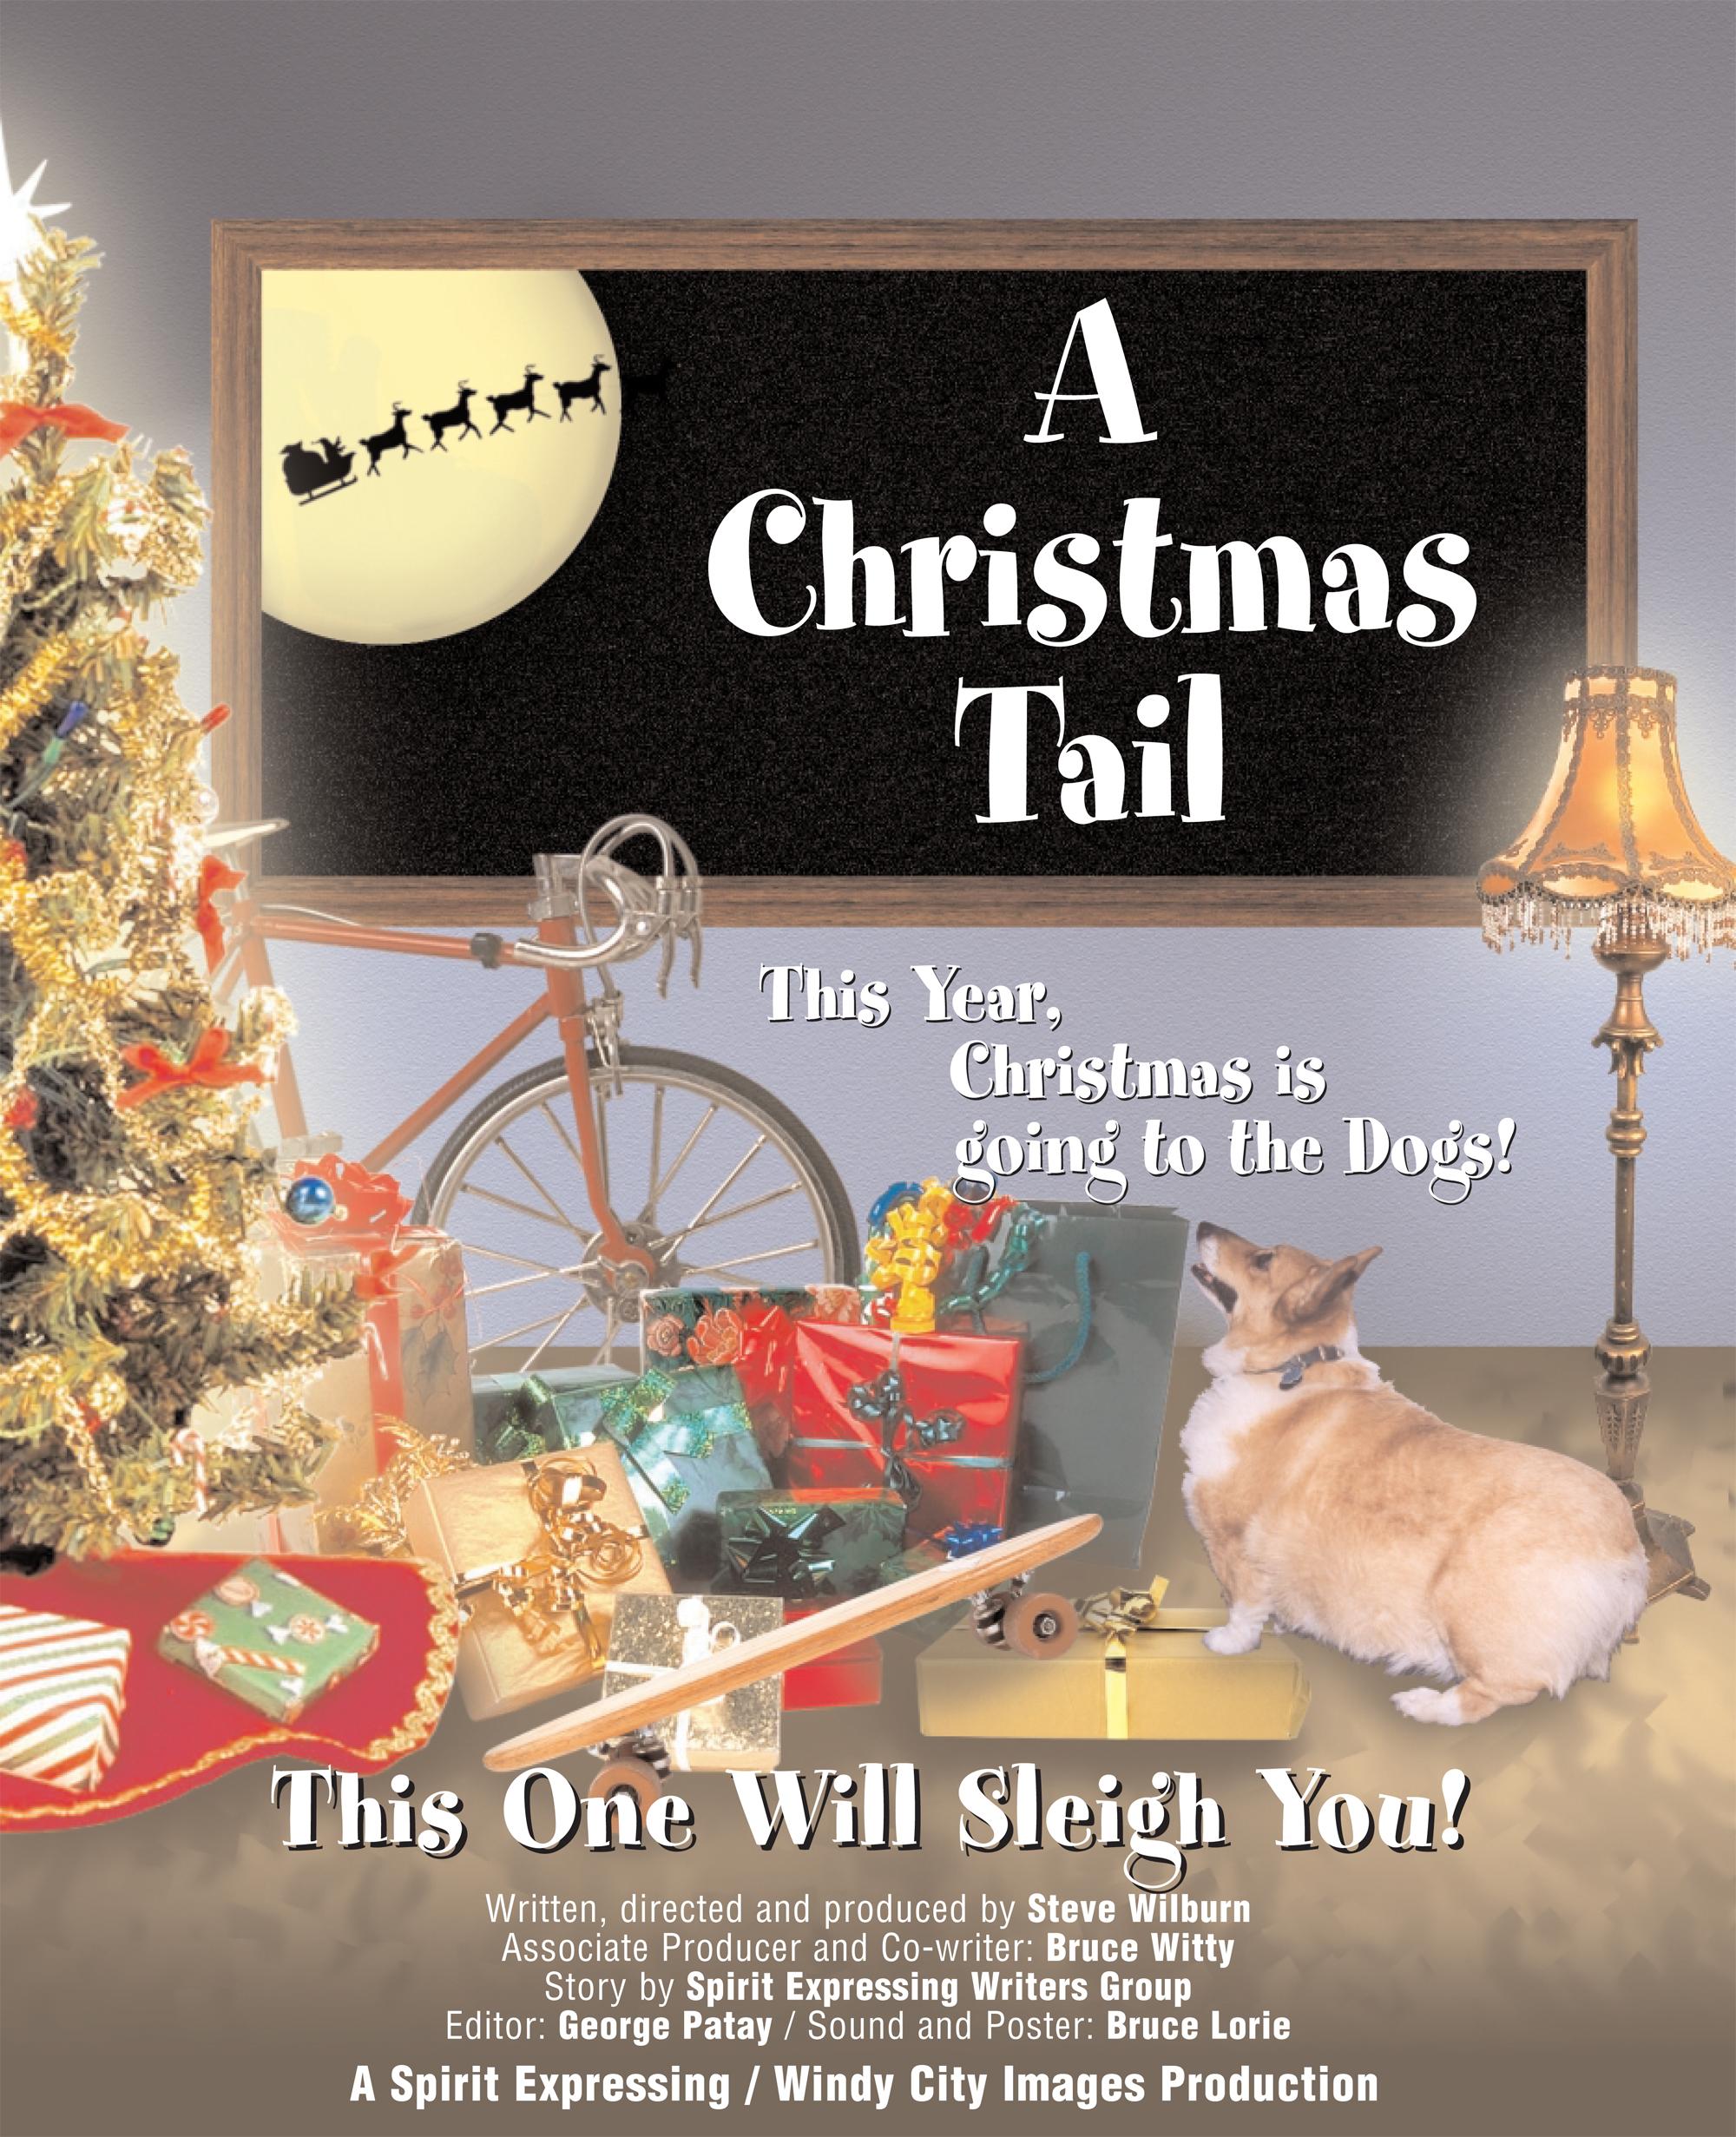 a christmas tail 2003 imdb - A Christmas Tail